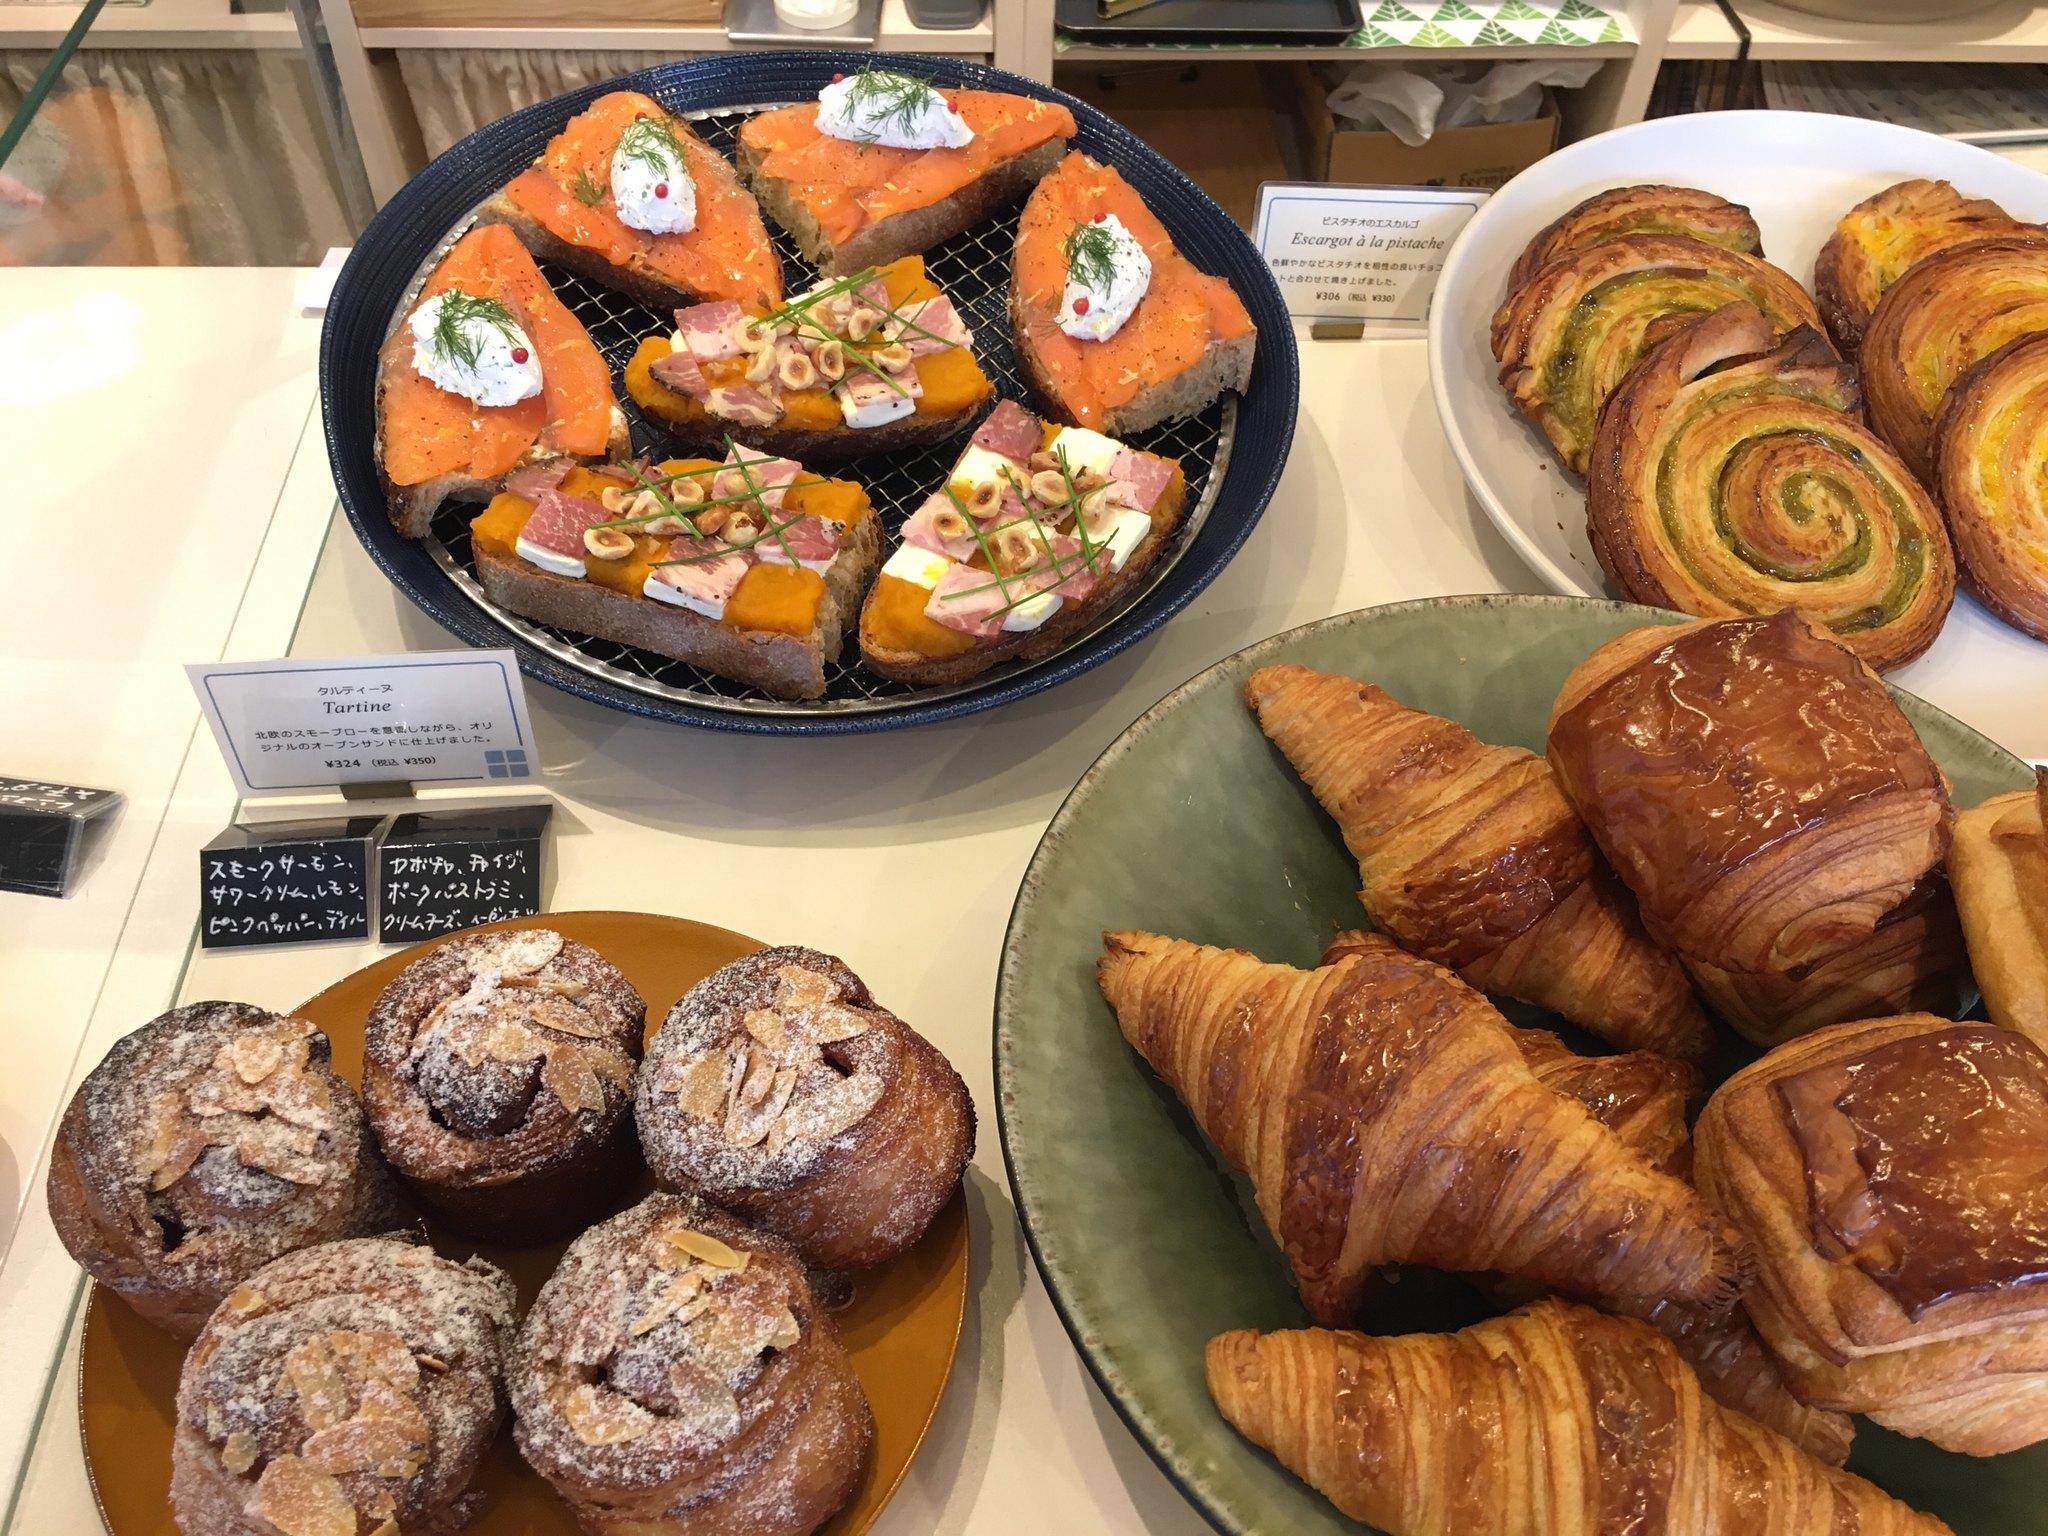 【赤羽橋】ブーランジュリー・コメット@ブルーの外観にかわいい店内。パンは本格的で美味しい。